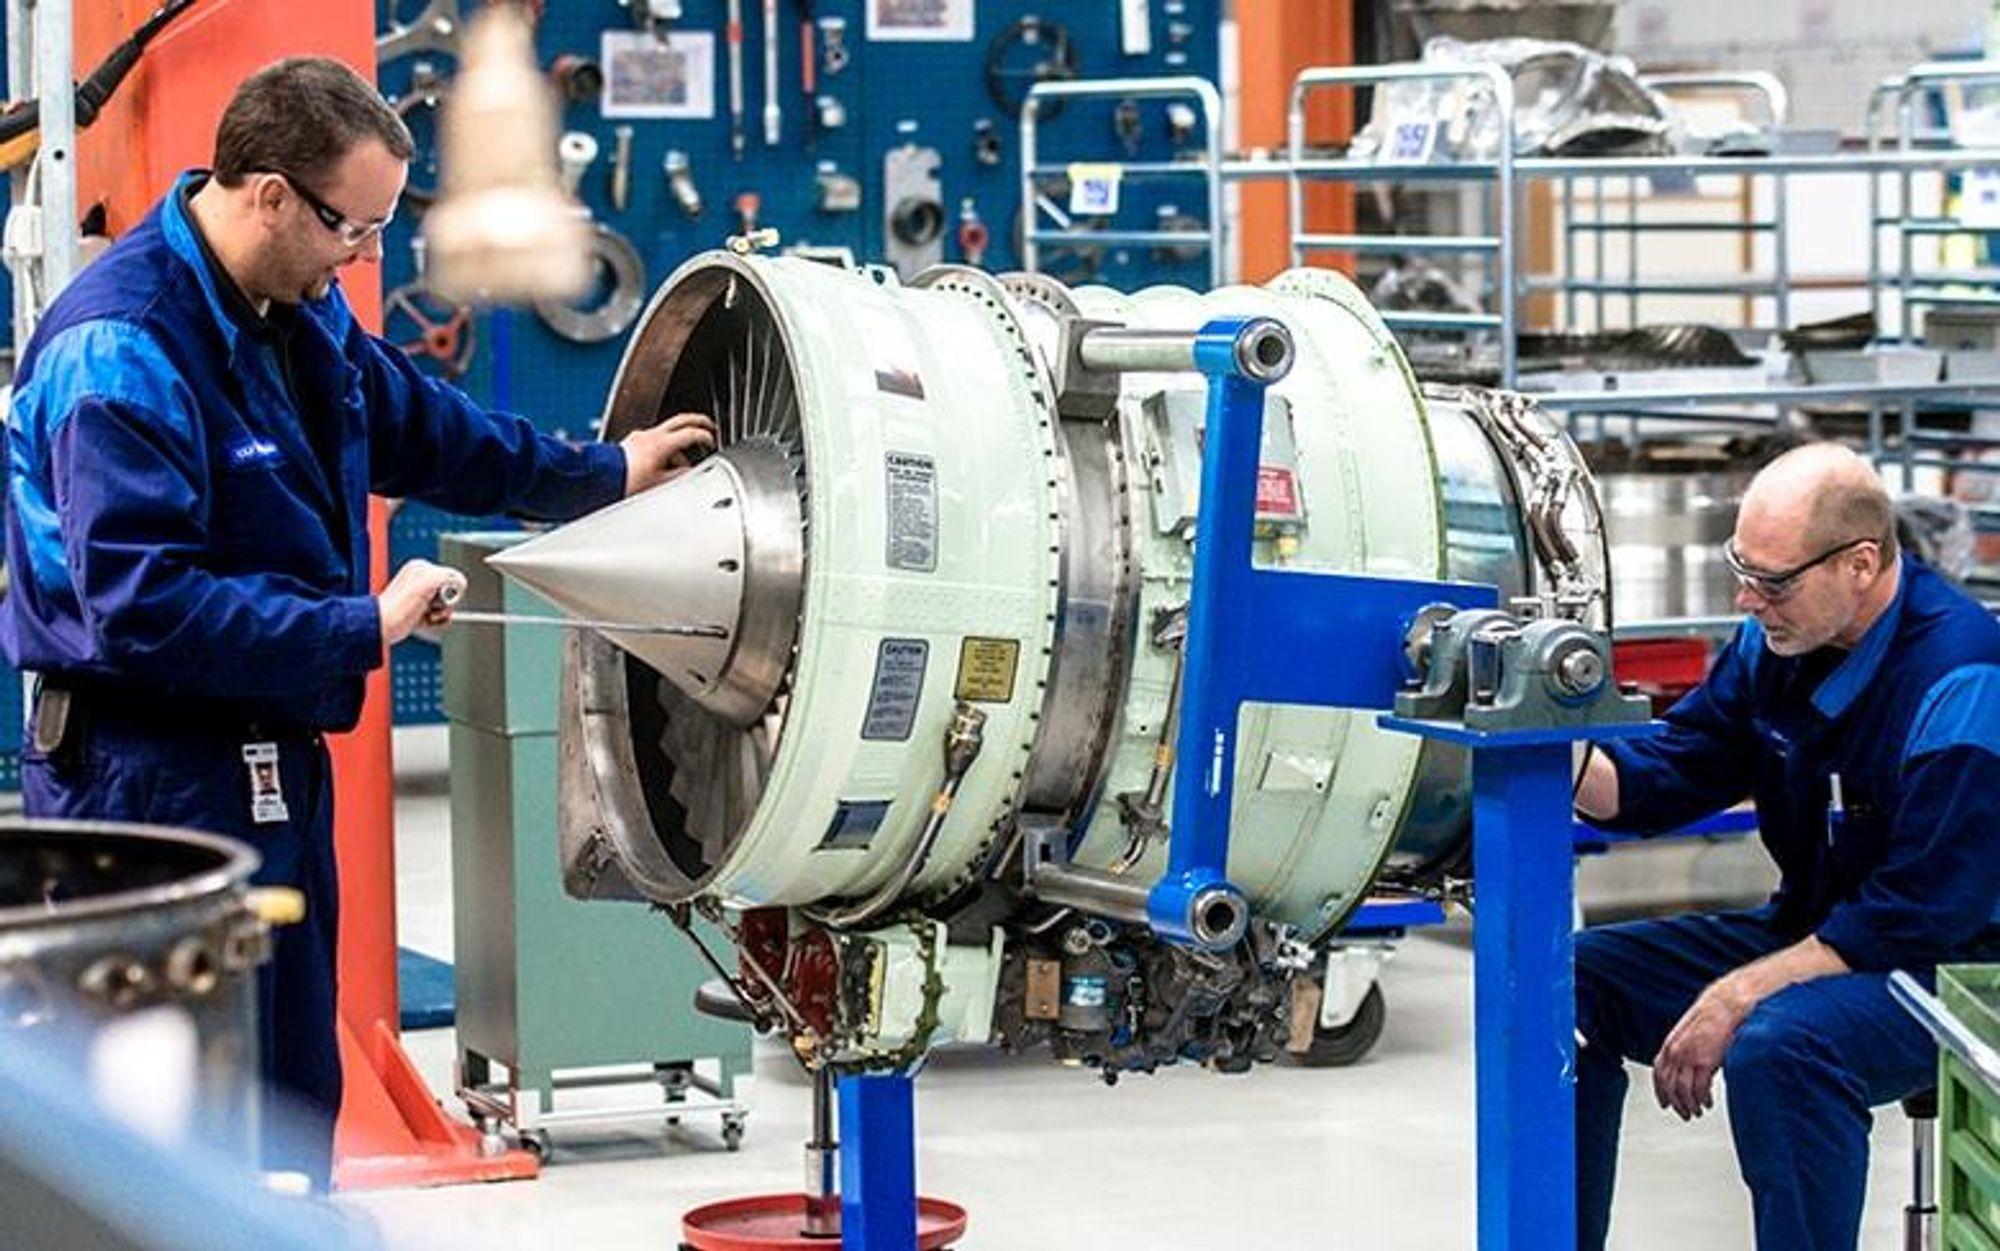 Trenger mer intelligent IT: Konstruksjon og produksjonen ved GKN Aerospace Norway AS kan ha glede av den nye kognitive teknologien mener  direktør for forskning og teknologi i GKN Aerospace Norway AS, Ole Hoen.